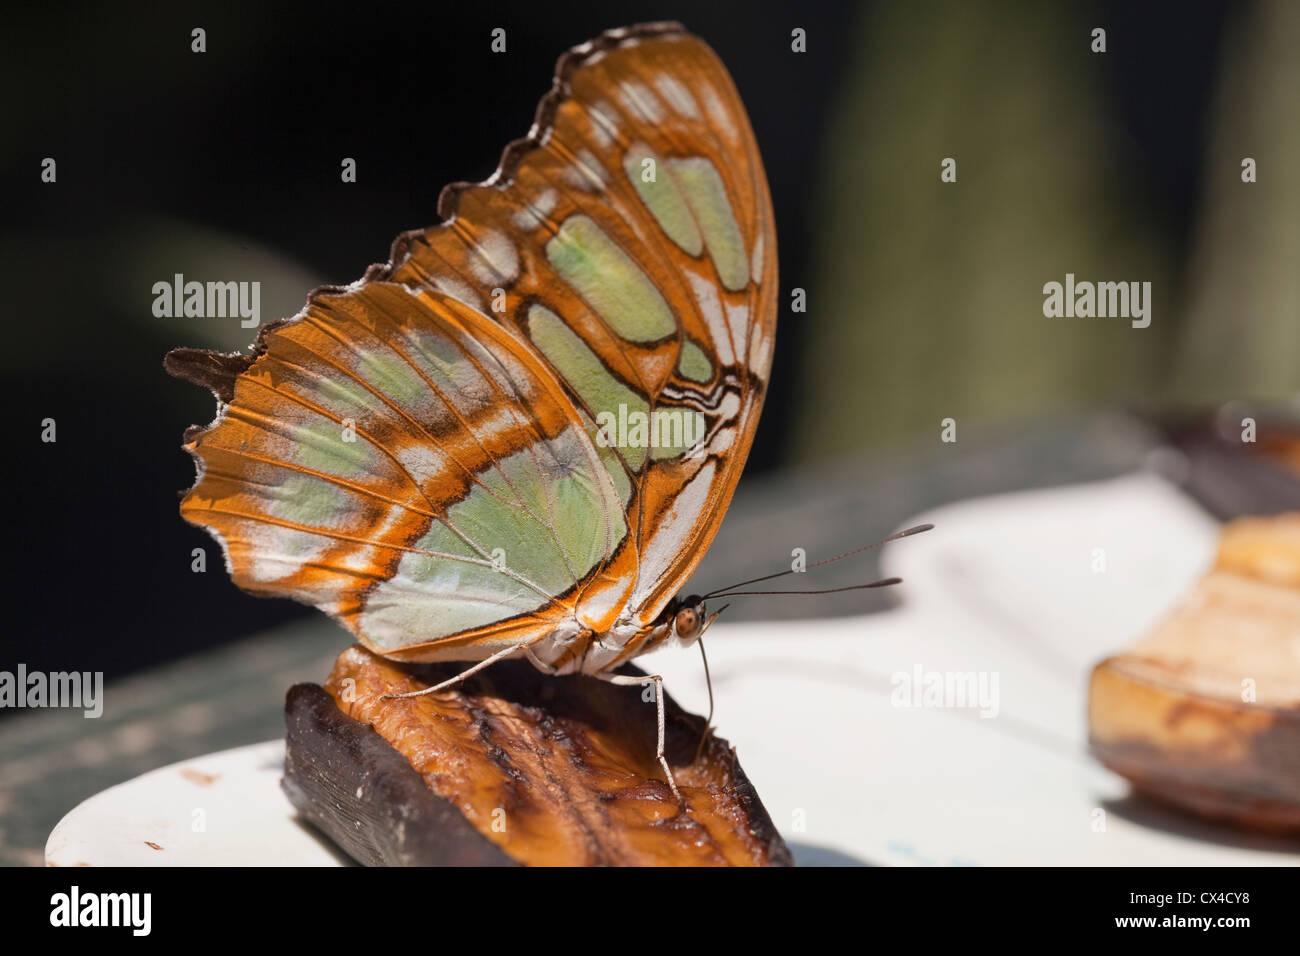 Una mariposa de Malaquita (Siproeta stelenes) alimentándose de una rodaja de plátano a la Finca de Mariposas fuera de San José. Foto de stock